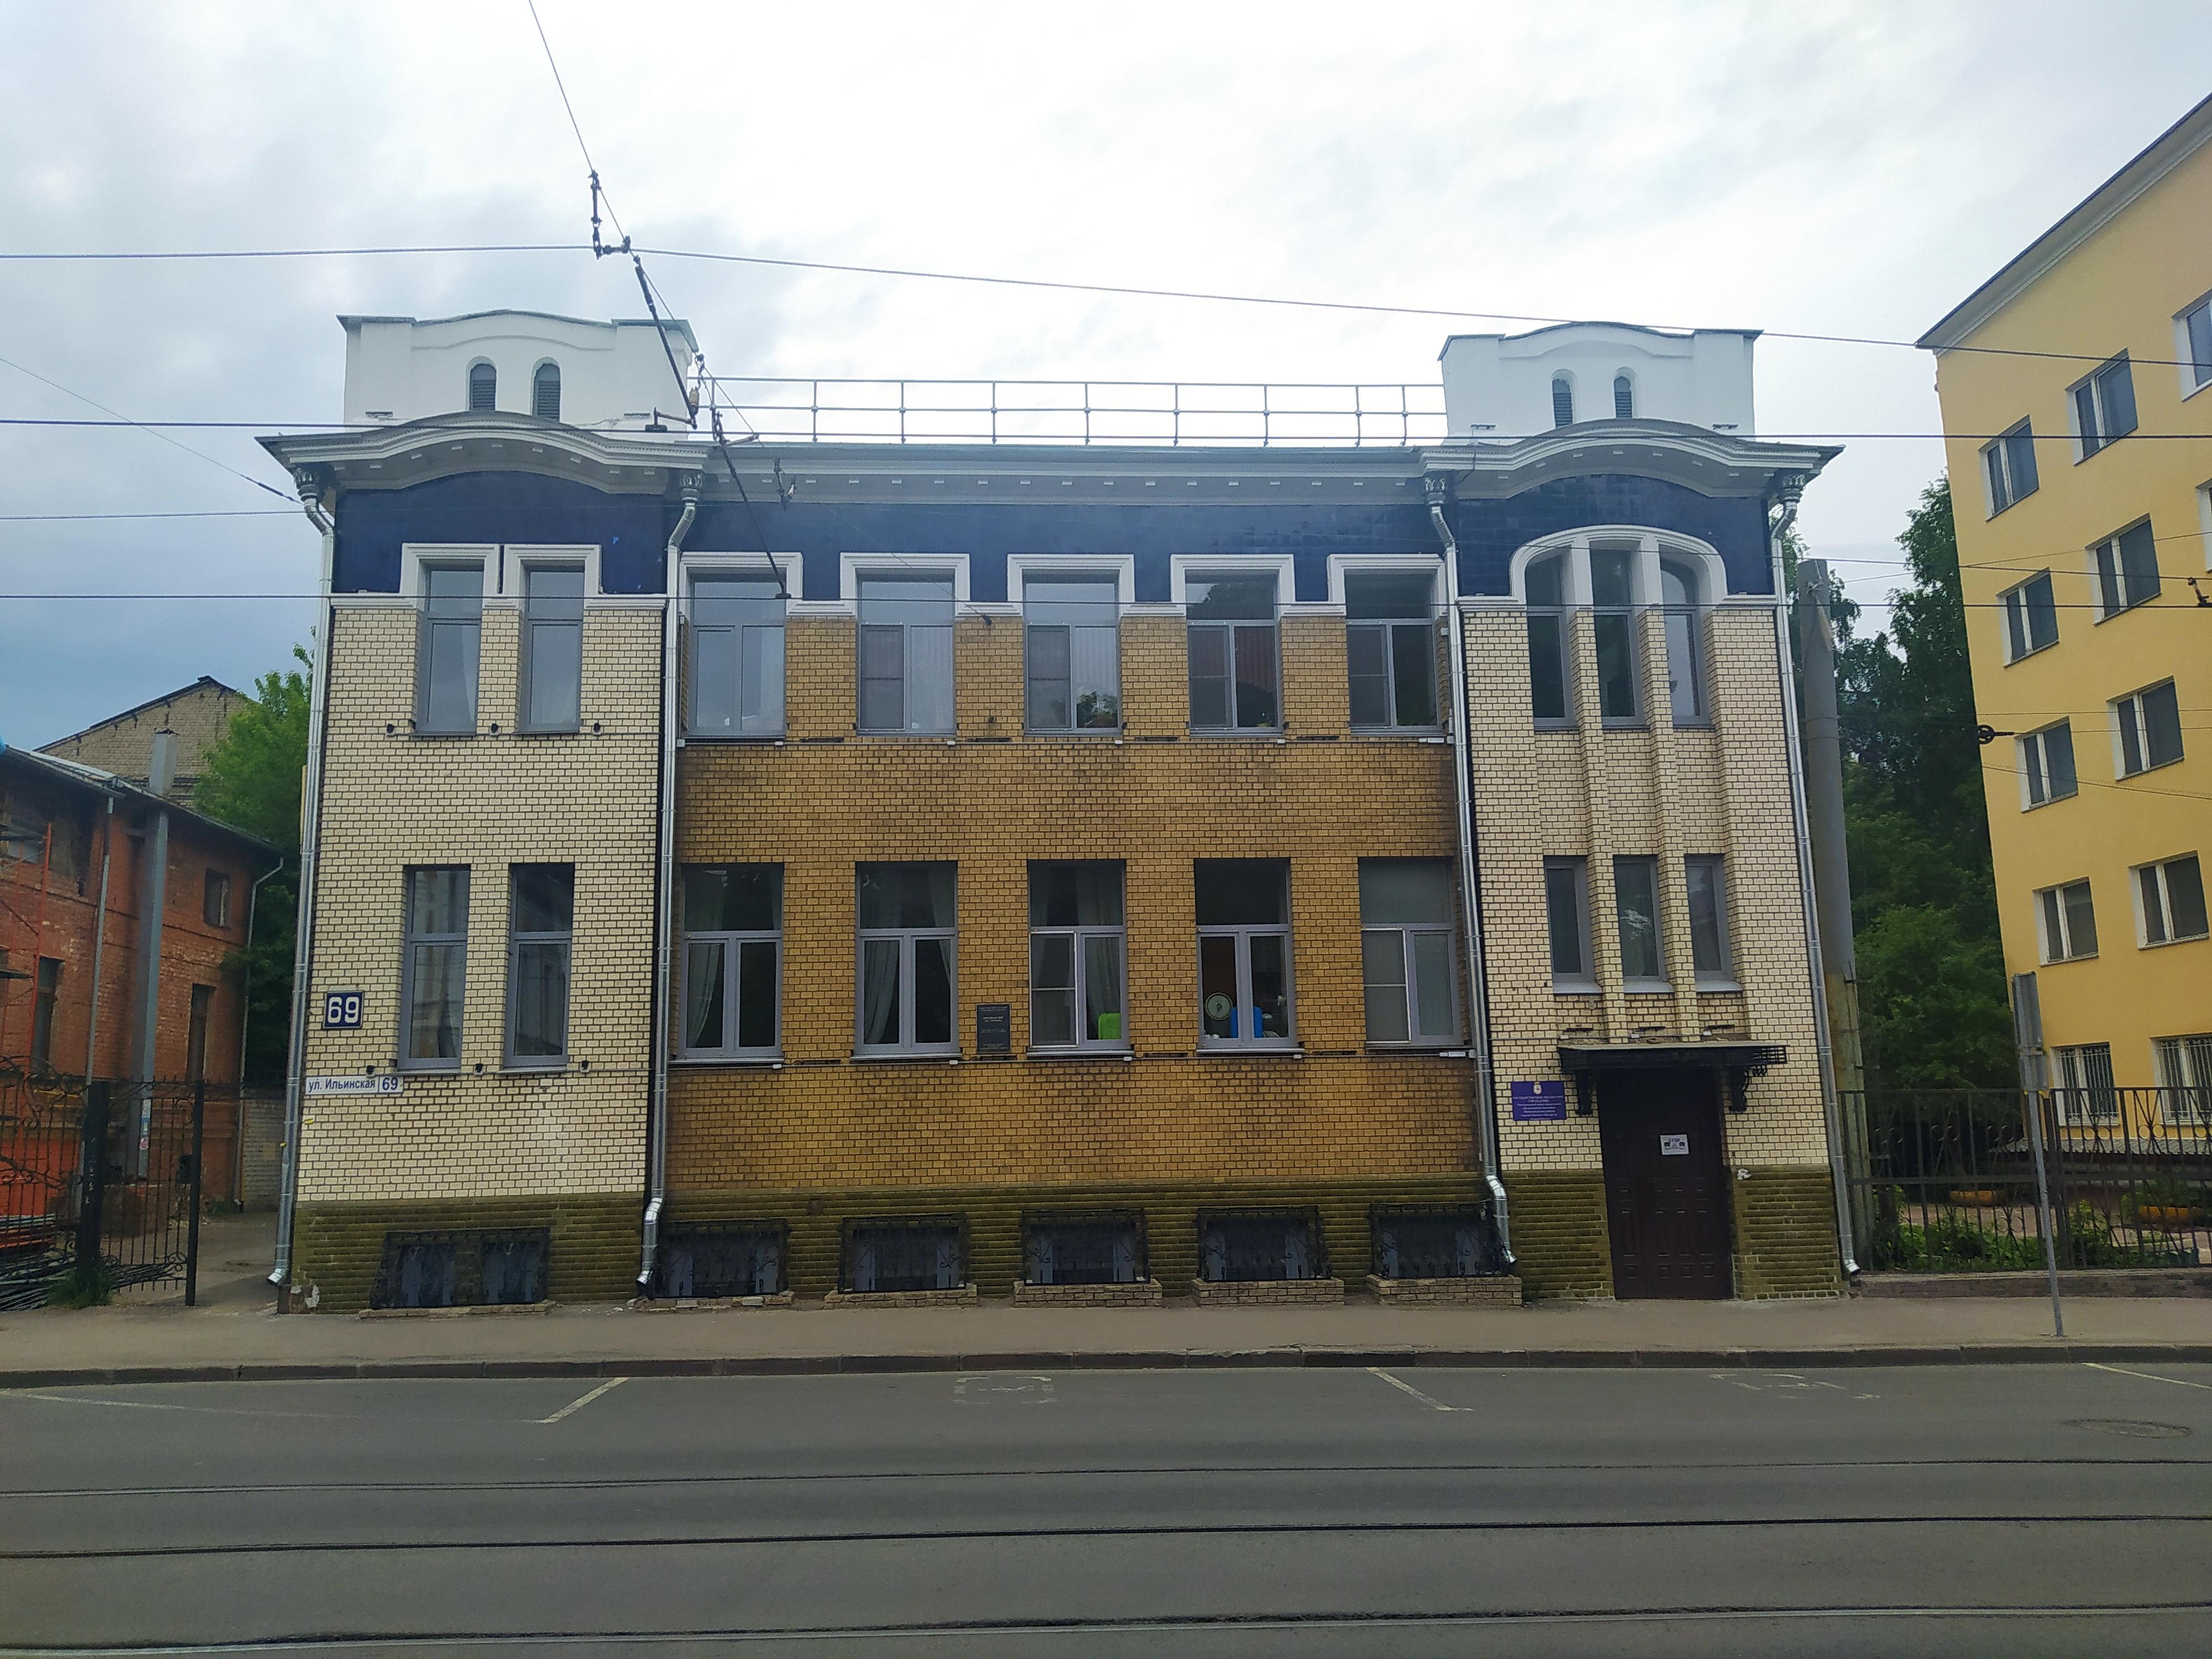 Ильинка 800: Реставрация, реновация и бесшумные трамваи - фото 3